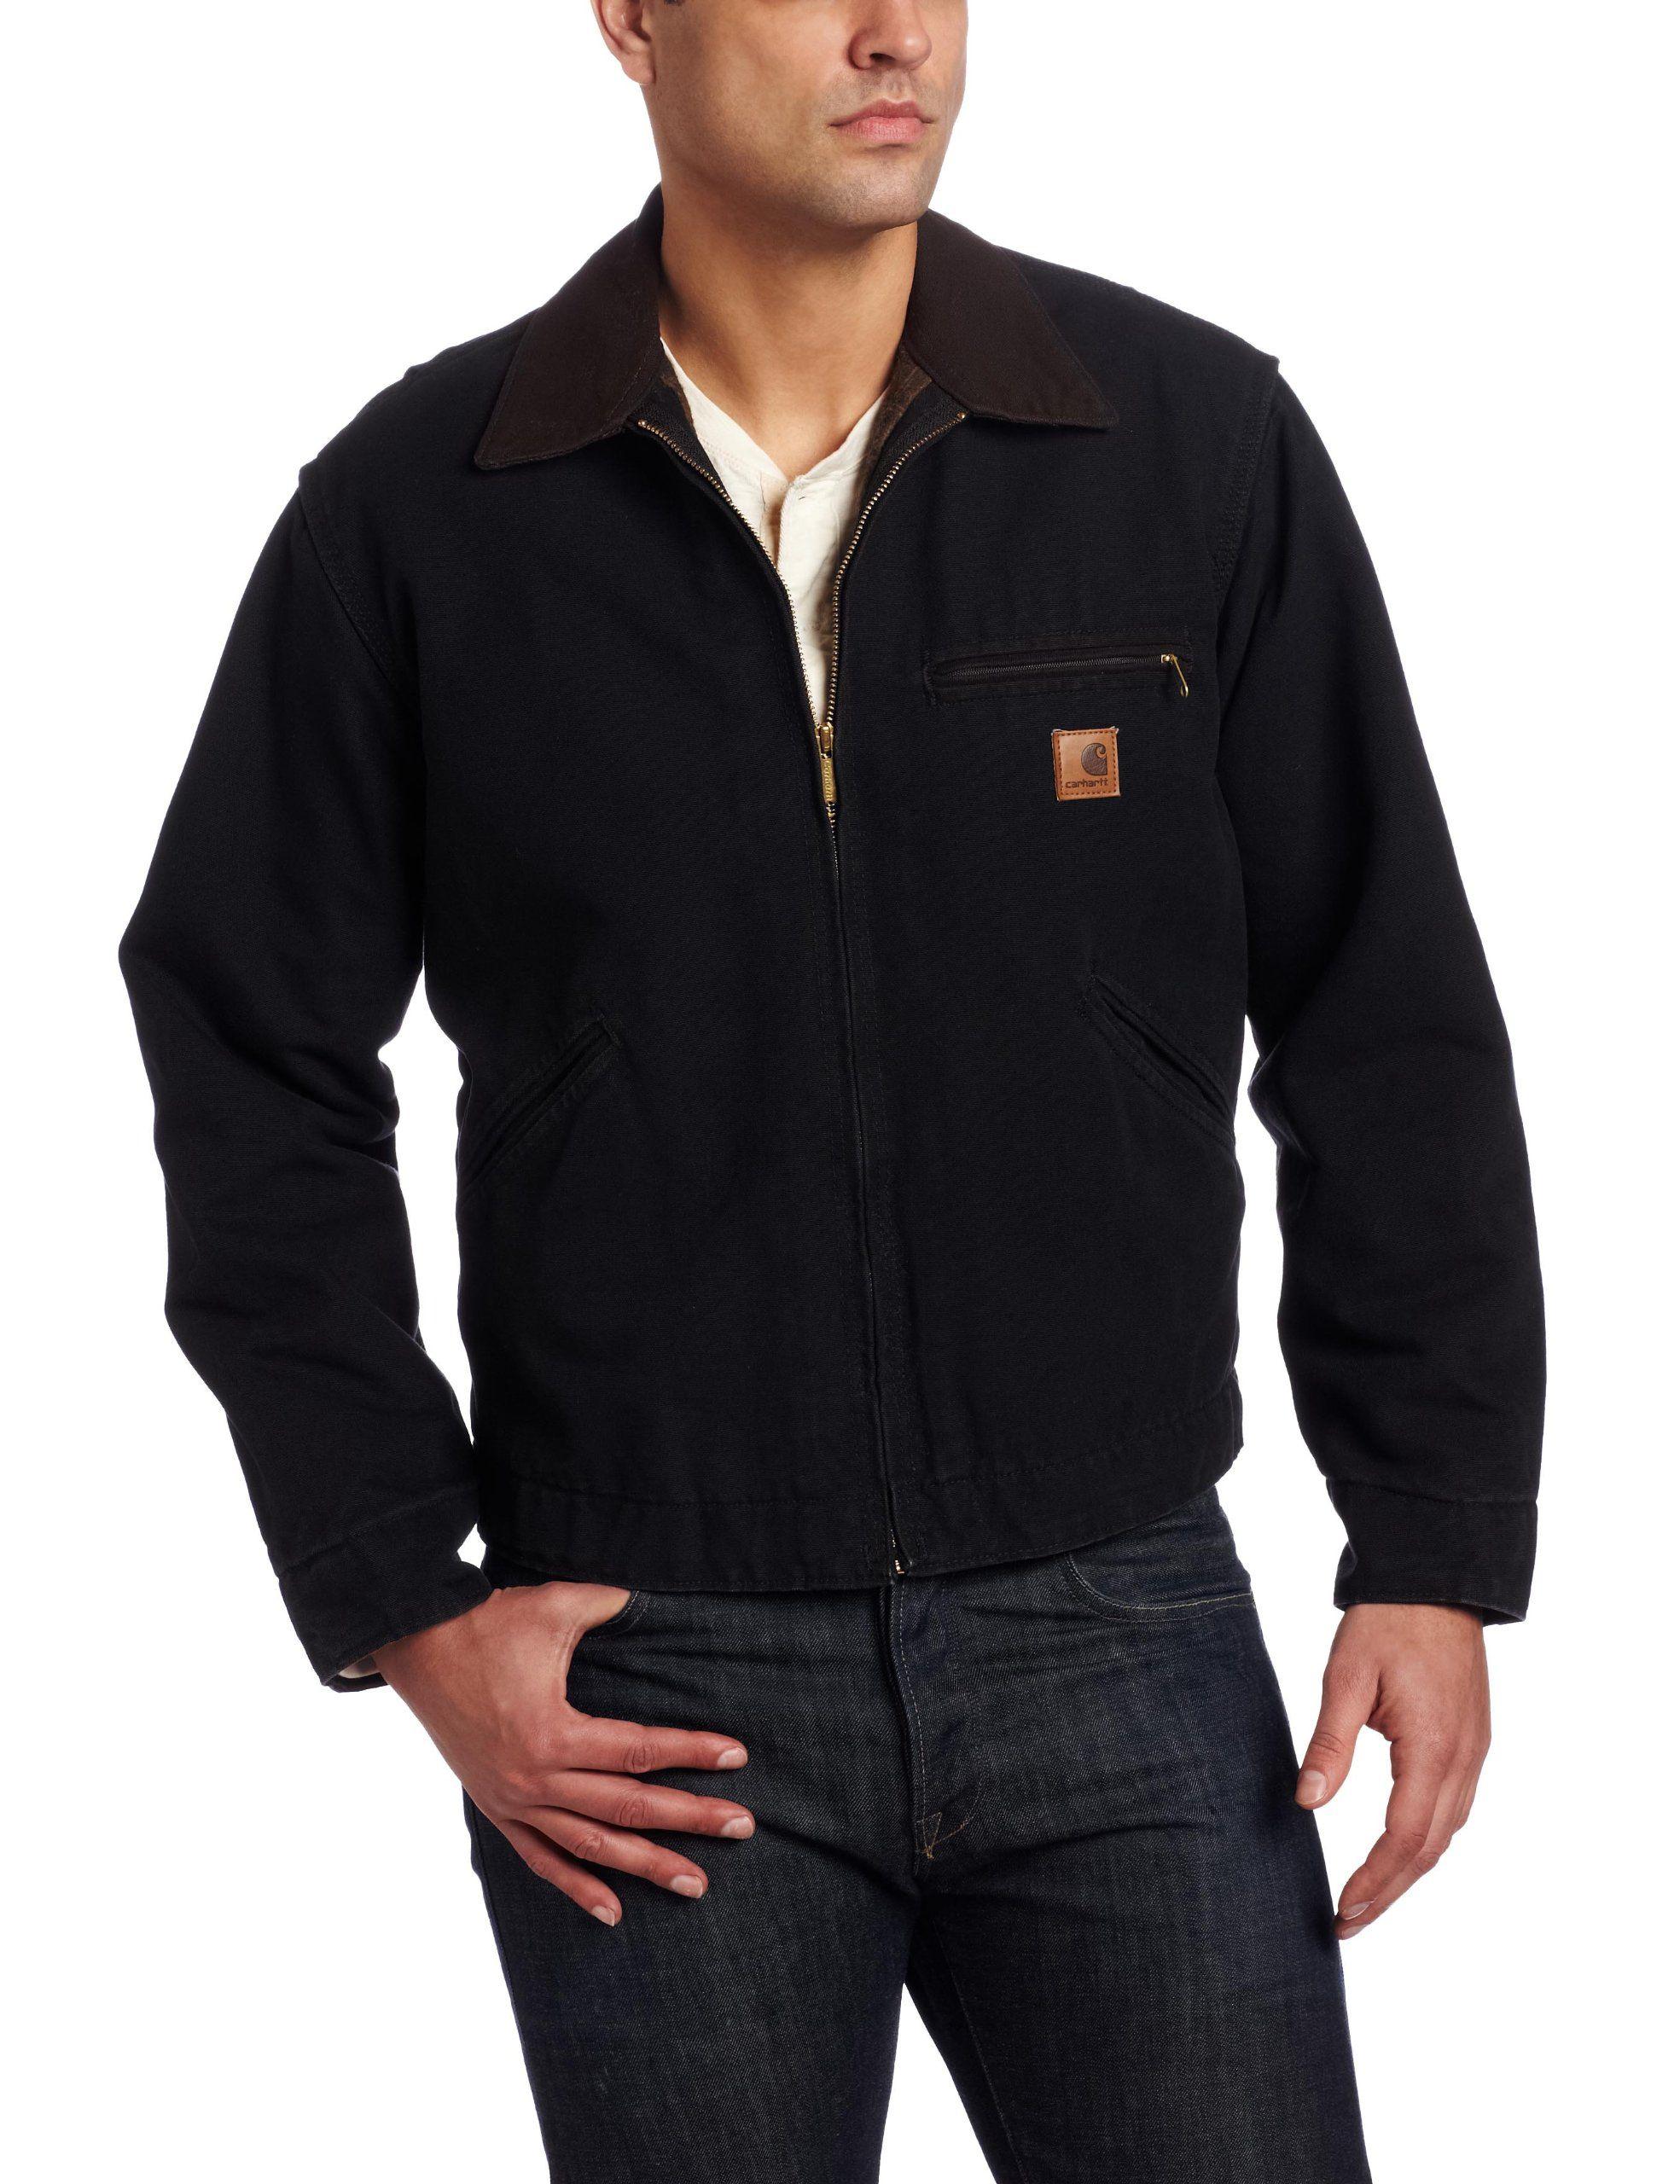 cc80f7dd501c9 Carhartt Men's Big & Tall Blanket Lined Sandstone Detroit Jacket  J97,Black,Large Tall